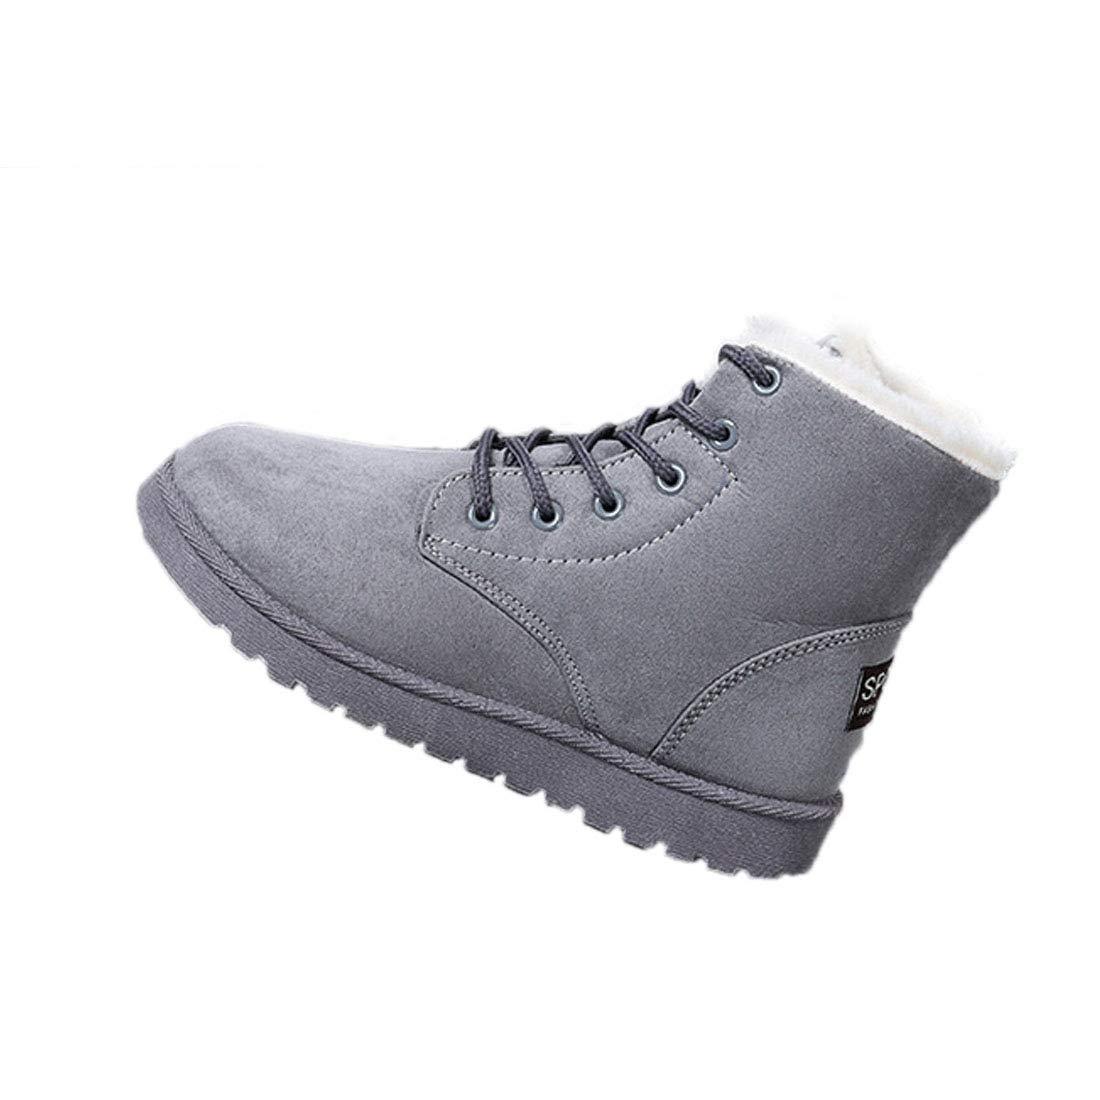 Fulision Moda Zapatos de Mujer Botas de Nieve Mantener Caliente Hembra Ocio Botas de Invierno